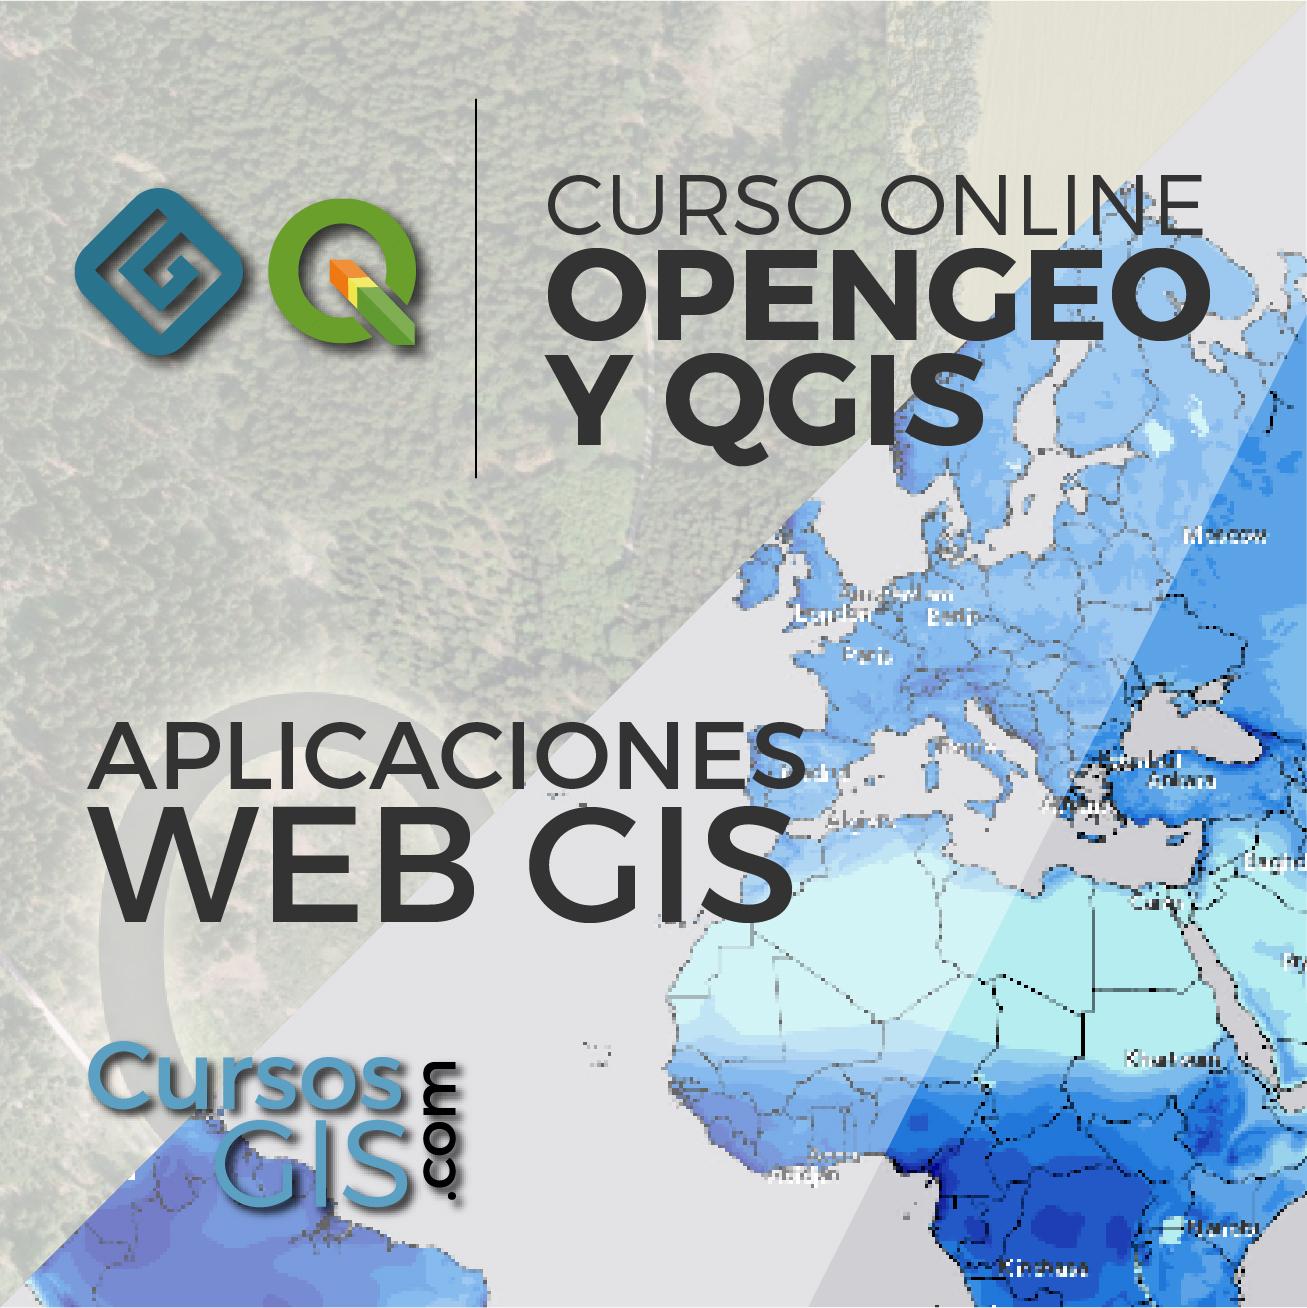 Curso Online opnegeo y qgis aplicaiocnes web